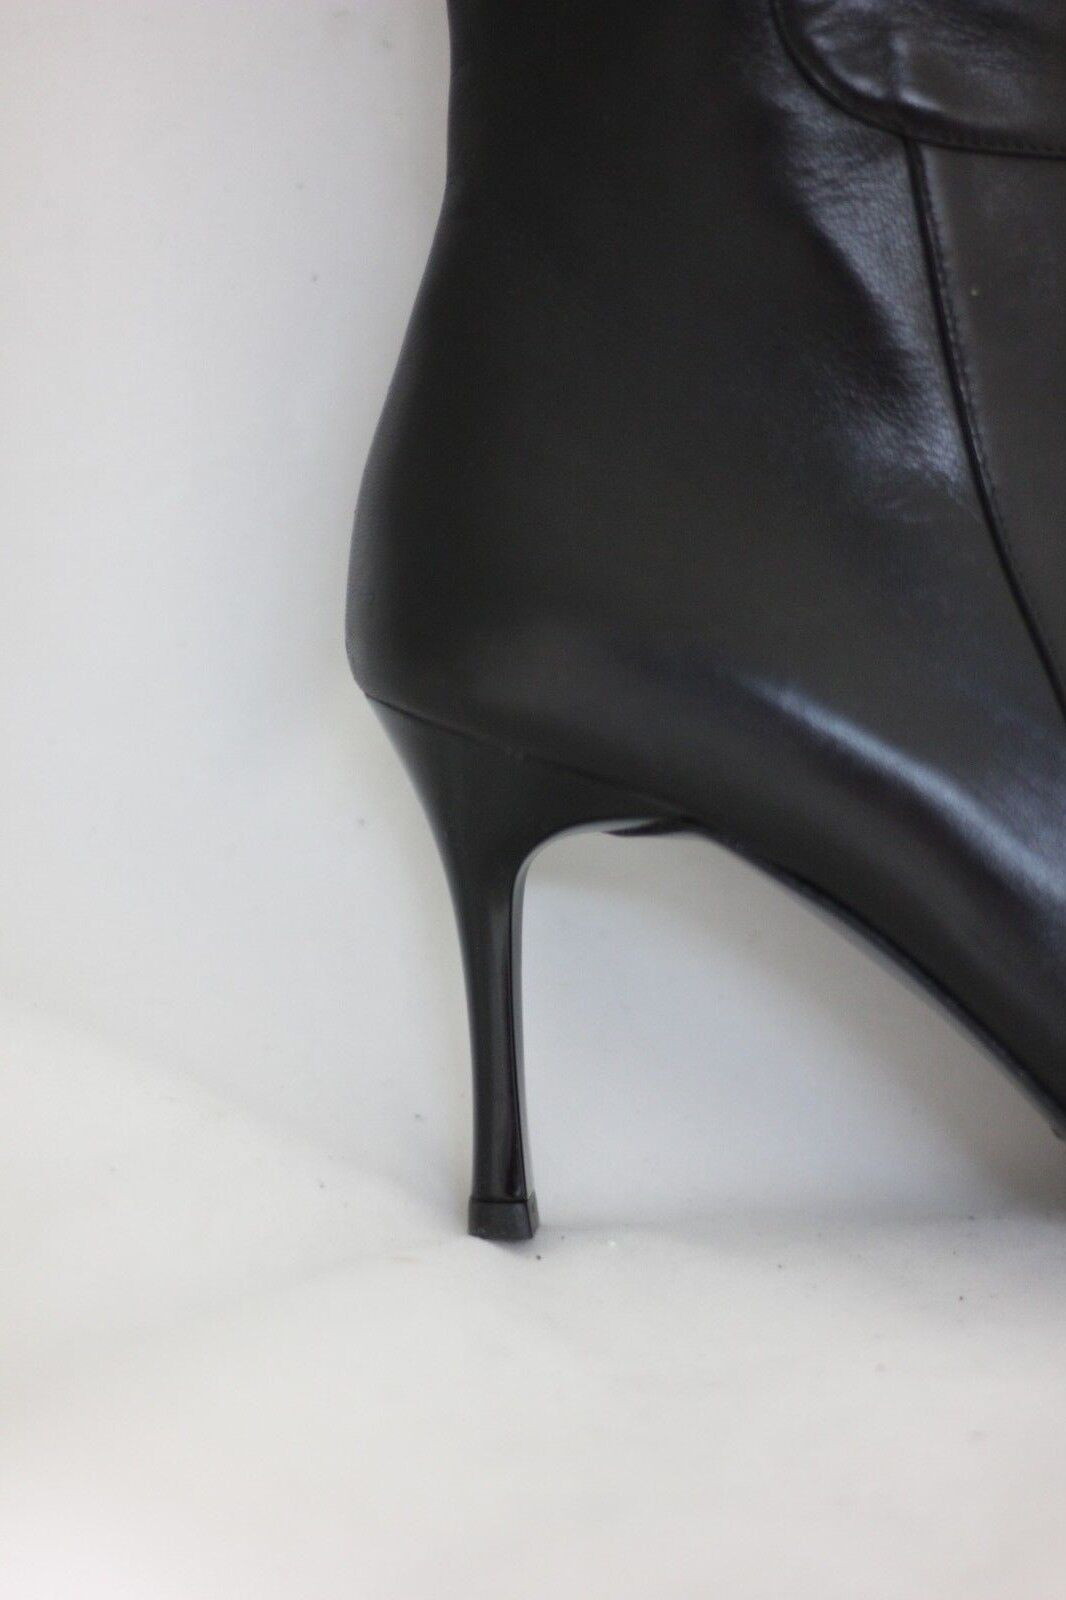 VALLEVERDE stivale donna pelle nero gomma gomma nero tacco punta 36 sconto saldi 3e0331